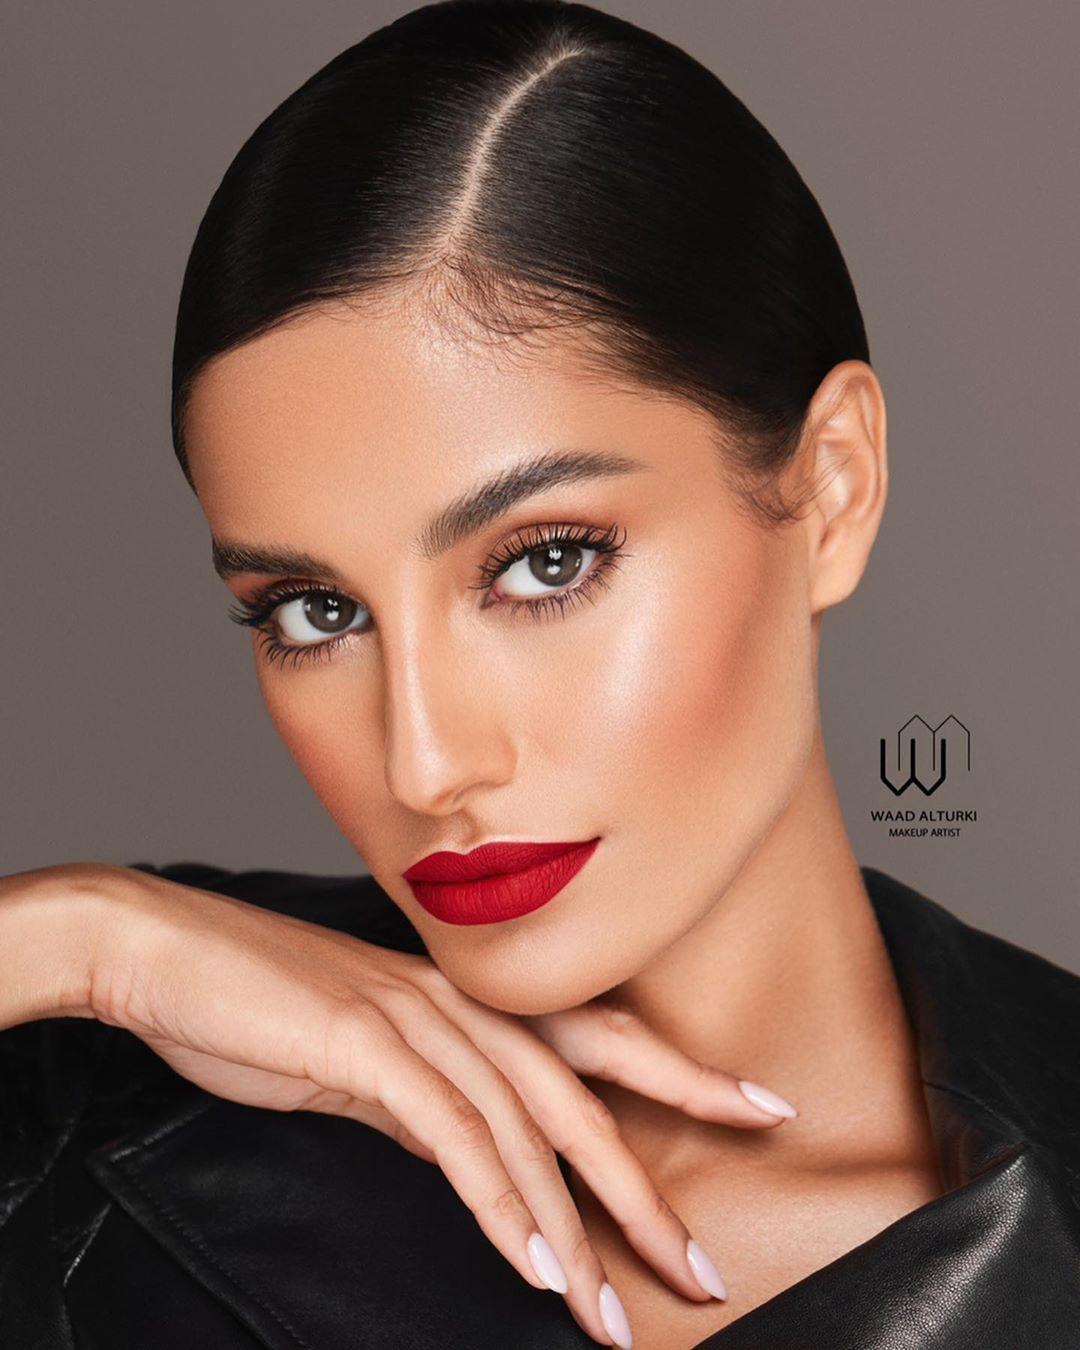 Waad Altarki وعد التركي On Instagram Hollywood Glam واخيرا اول لوك من لوكات لندن التتوريال على السناب الحين من اكثرر اللوكات المطلوبه و ال